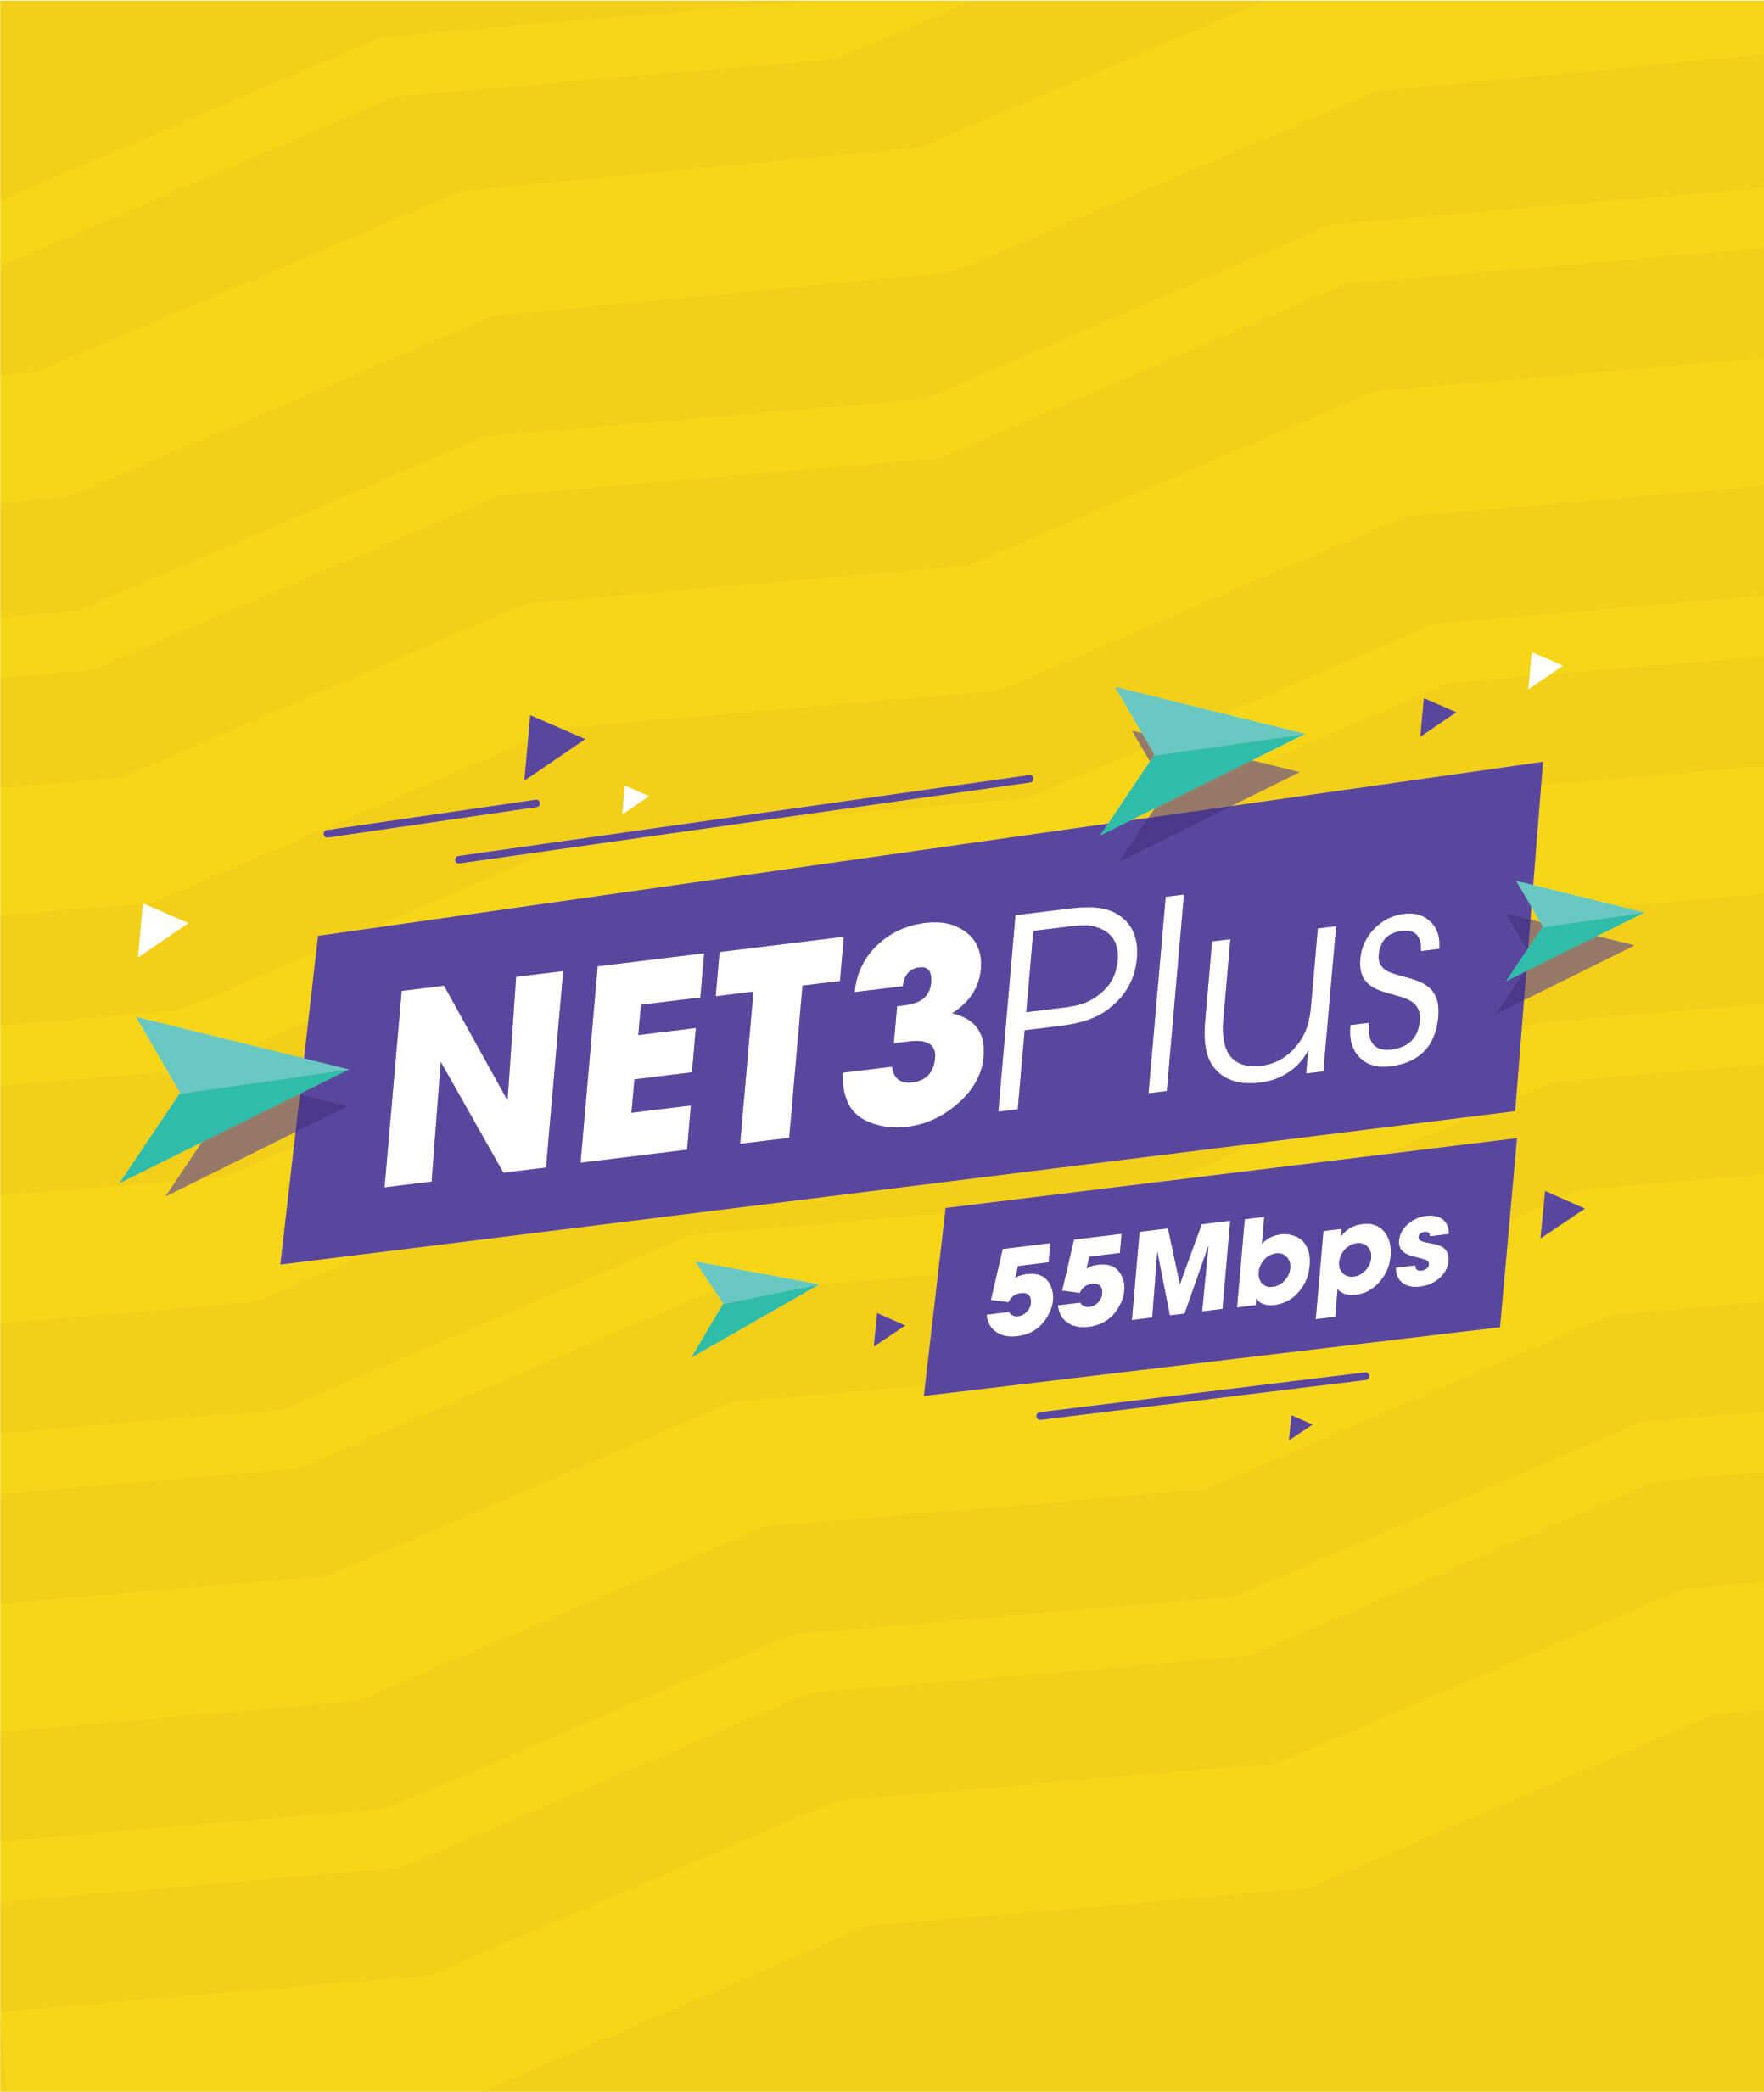 gói net 3 plus mới